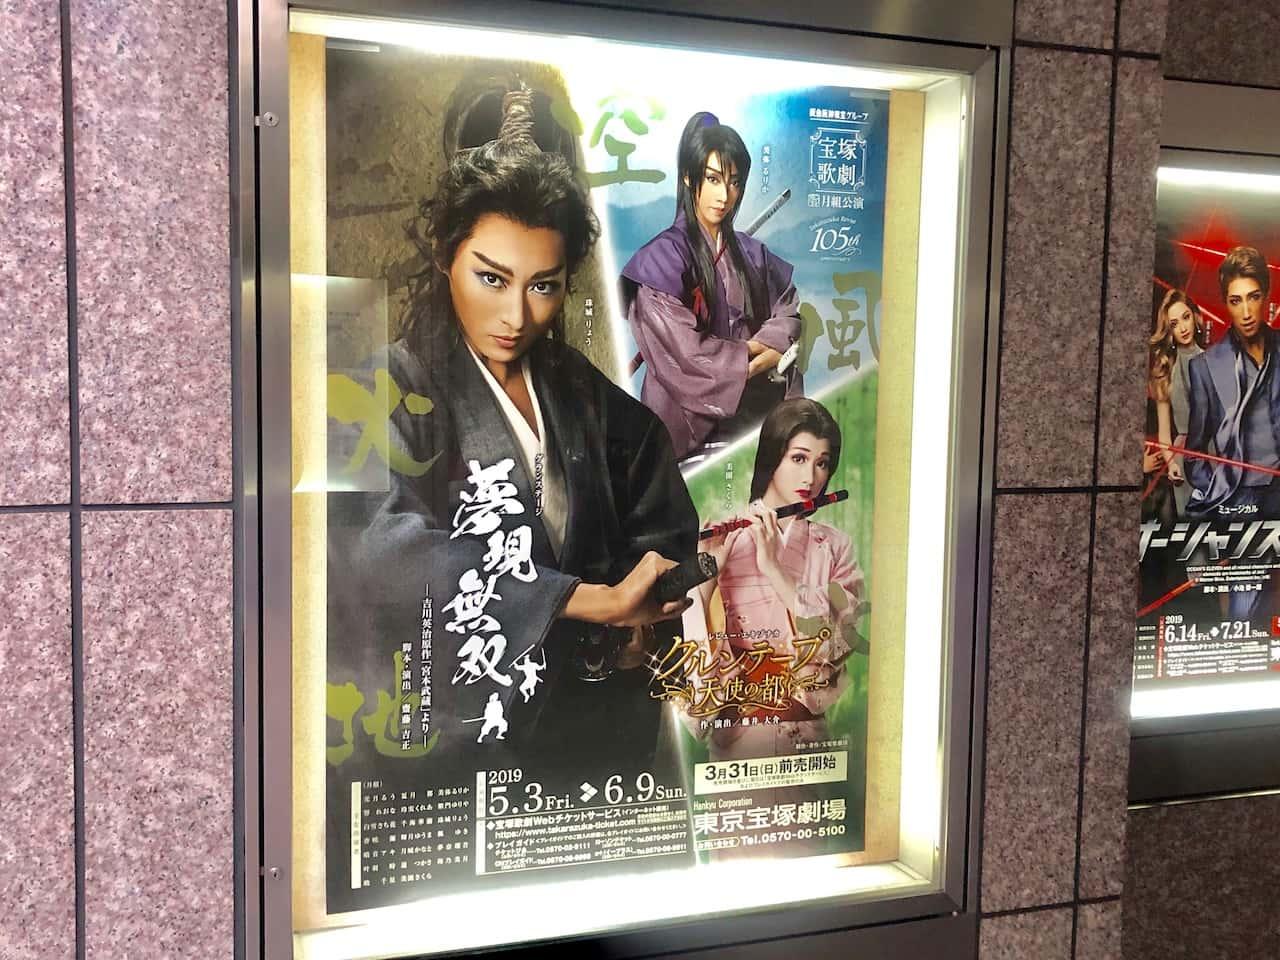 当日券情報!月組公演 『夢現無双/クルンテープ 天使の都』のチケットを買う【東京宝塚劇場】